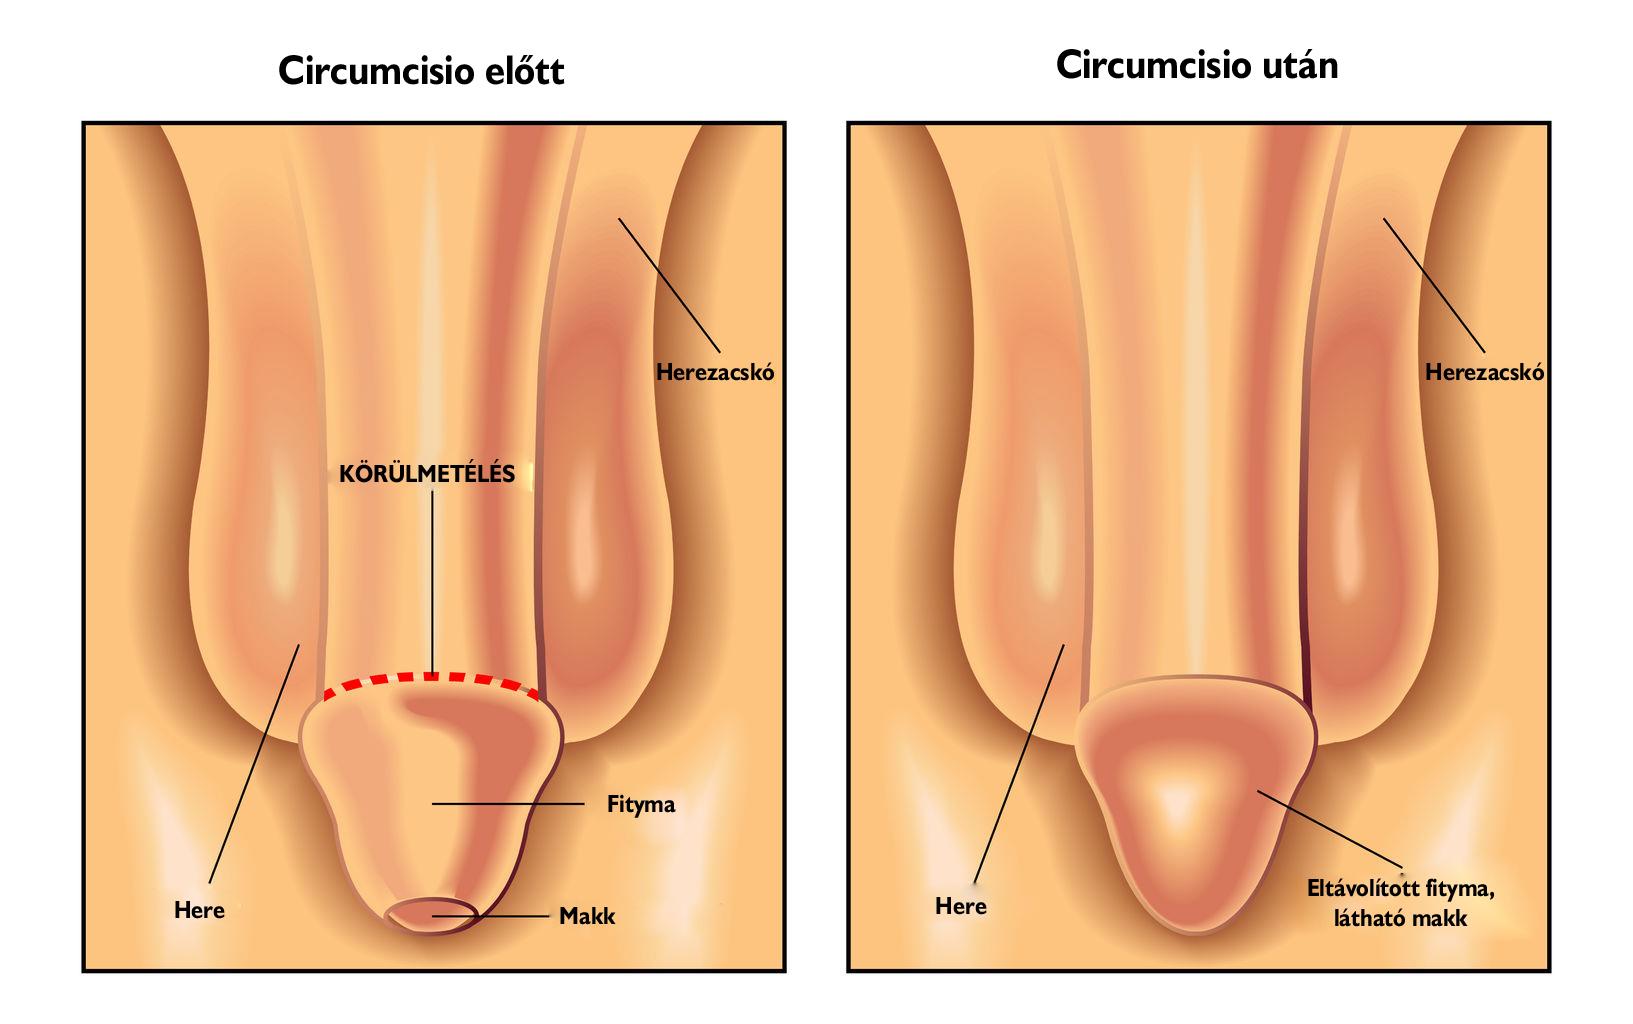 pénisz fejlődési rendellenességei csökkent erekció a prosztata miatt